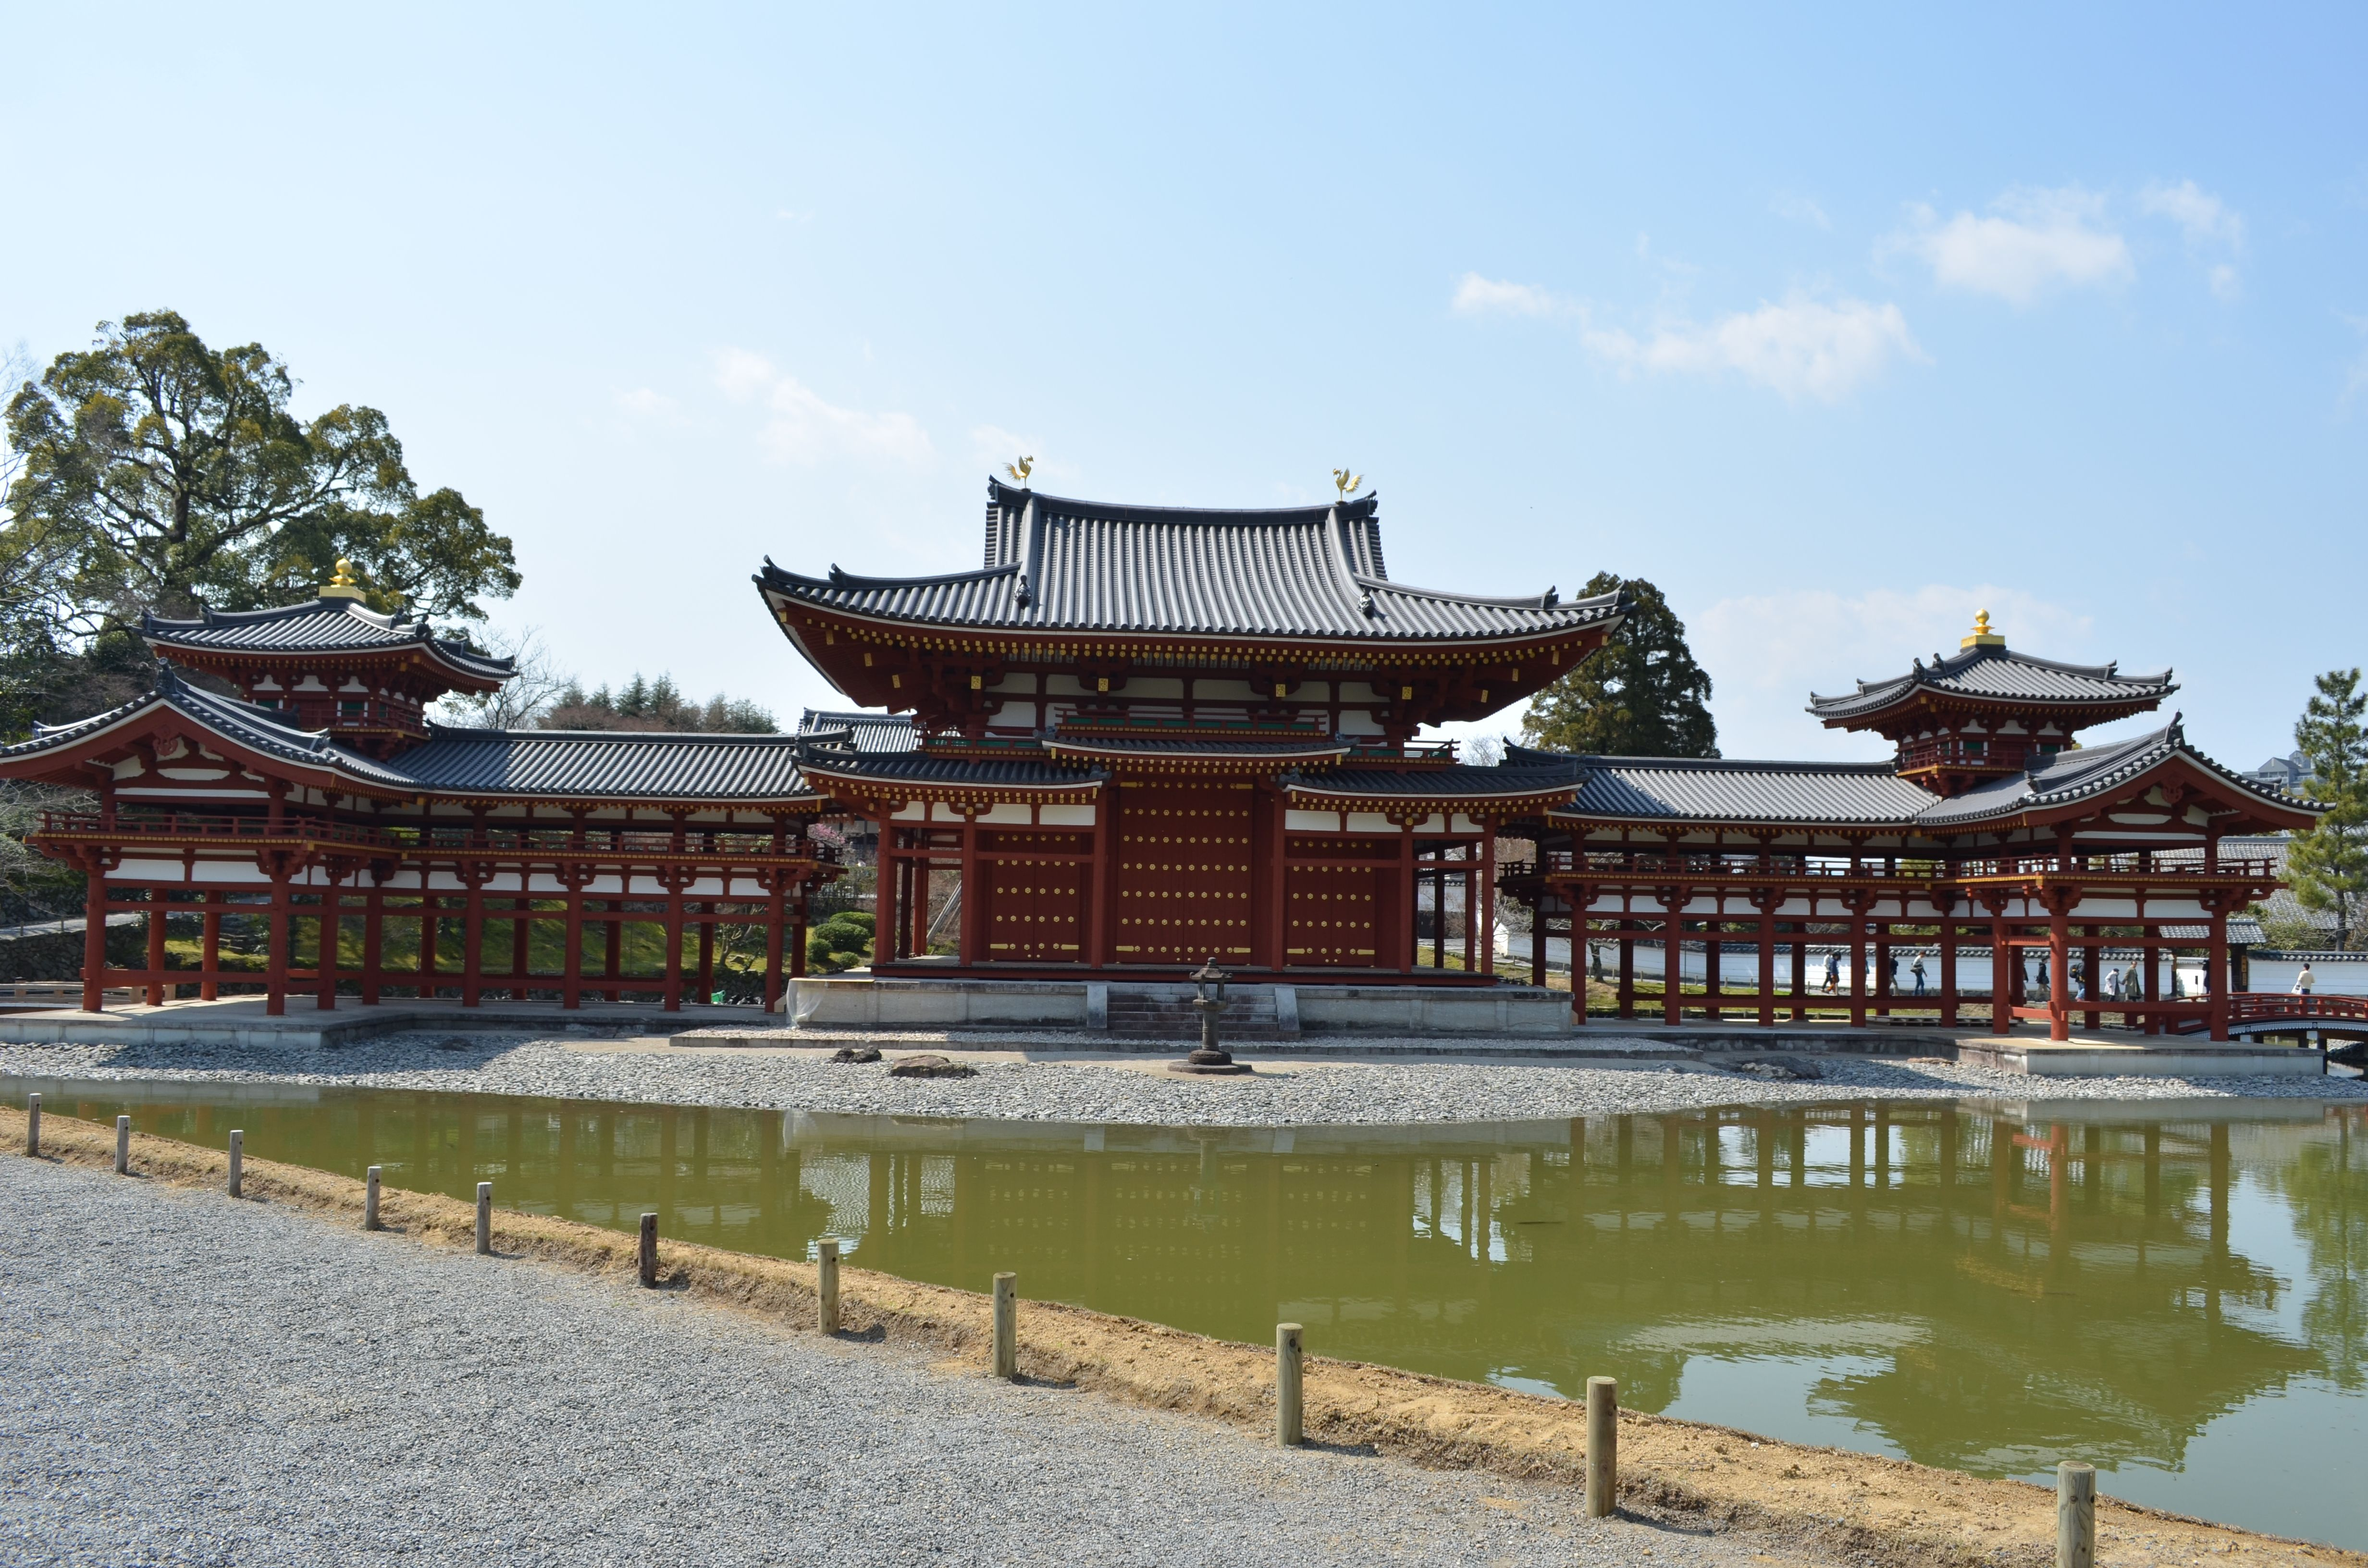 Byodoin Temple 平等院